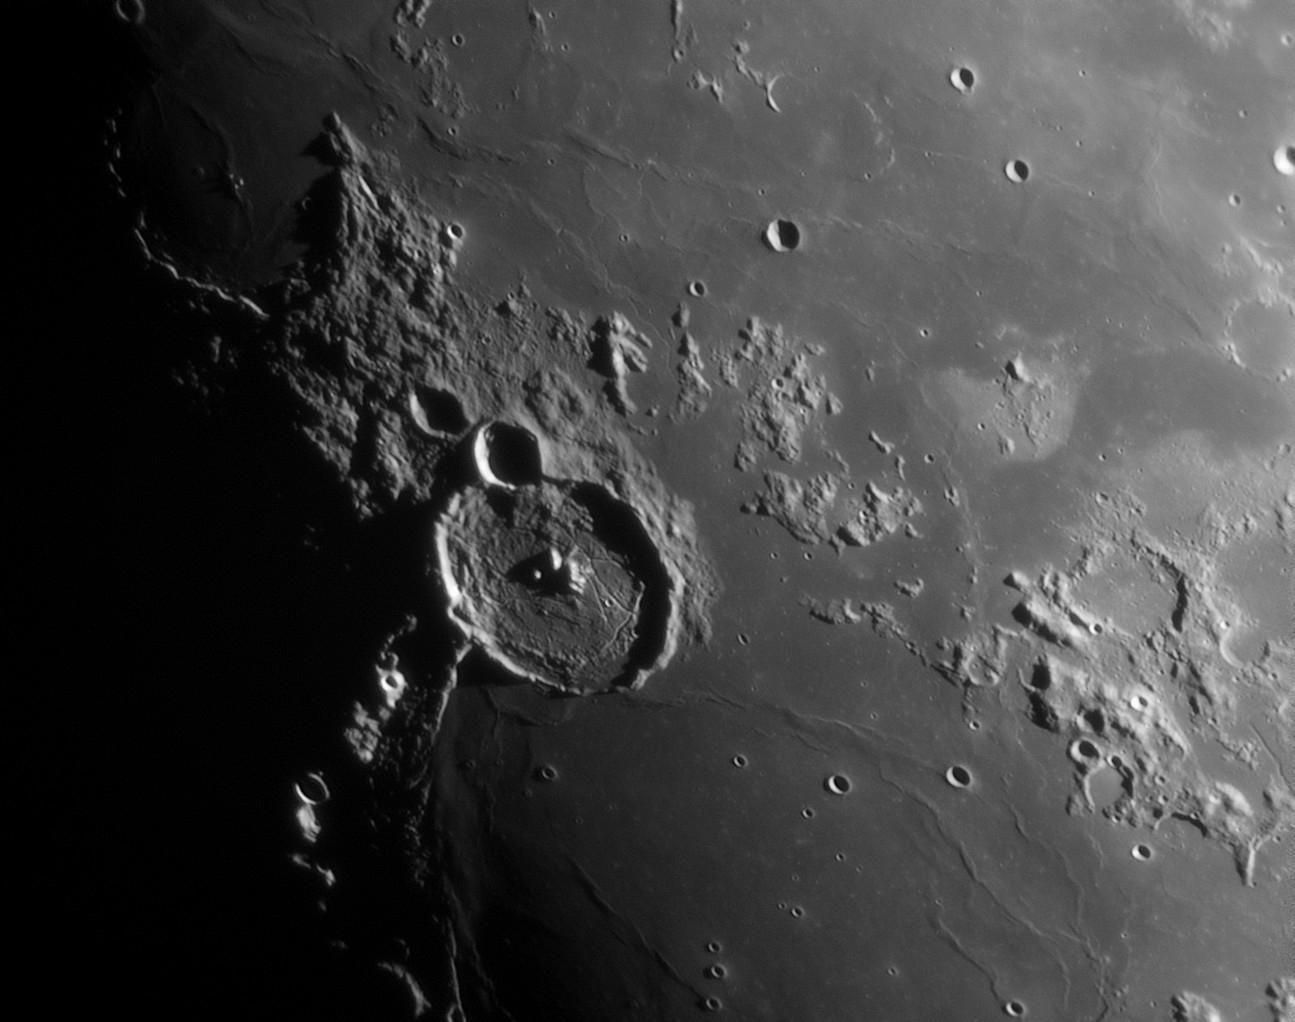 Gros plans lunaires 122643-1550683904